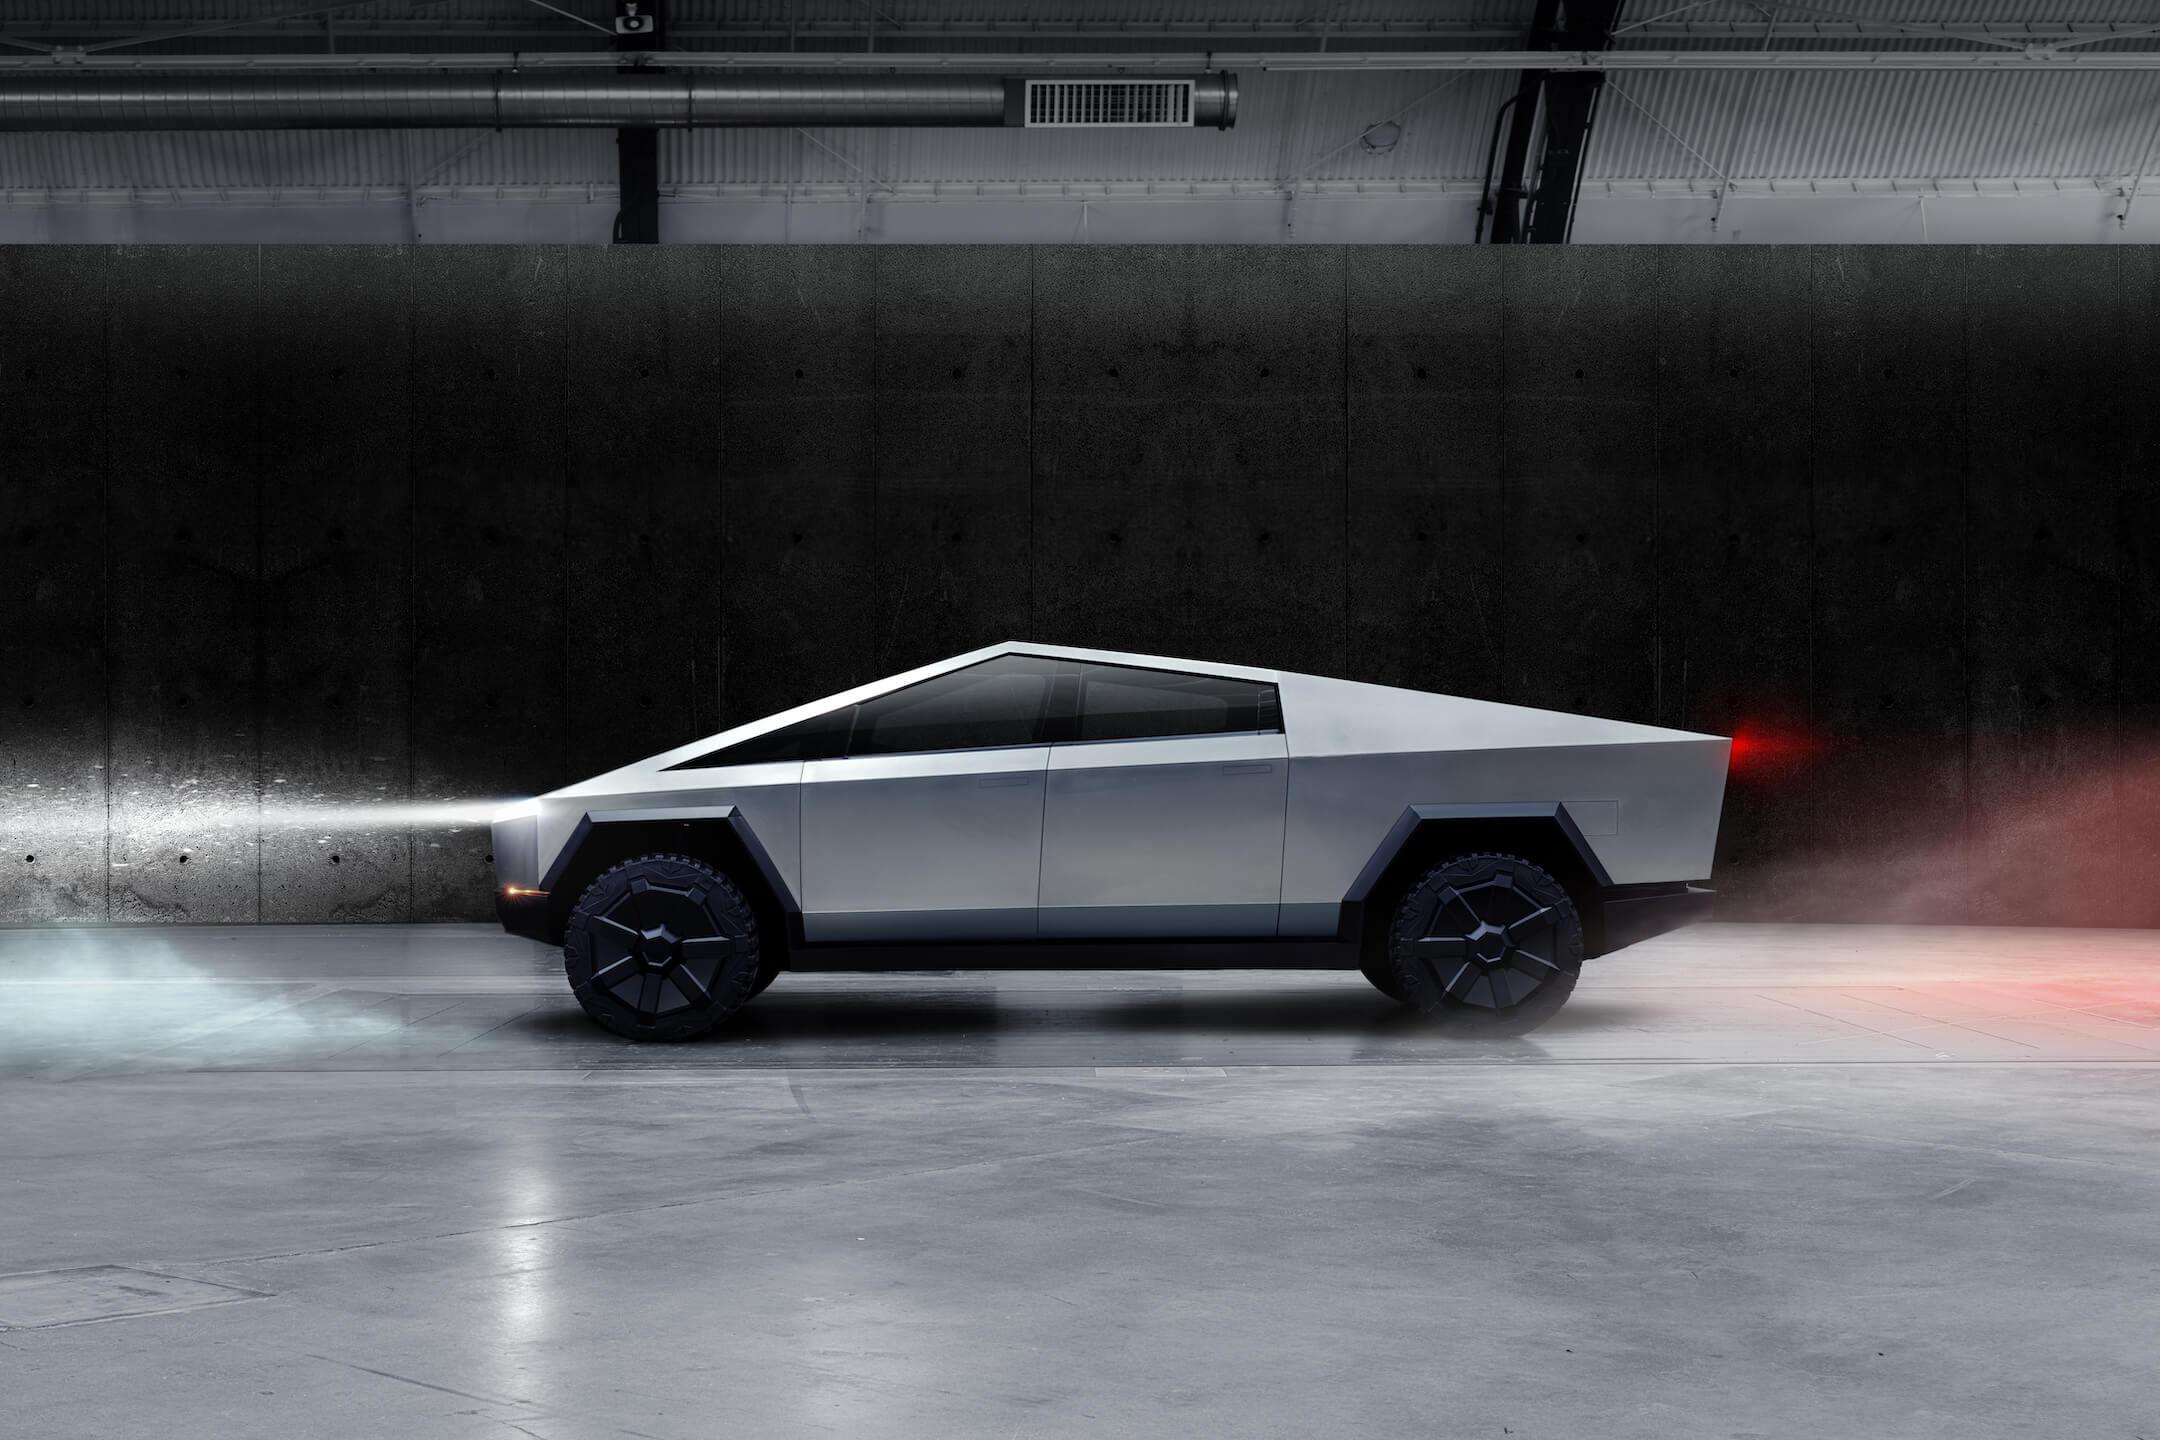 Tesla планирует показать серийный Cybertruck во втором квартале - Tesla Motors Club